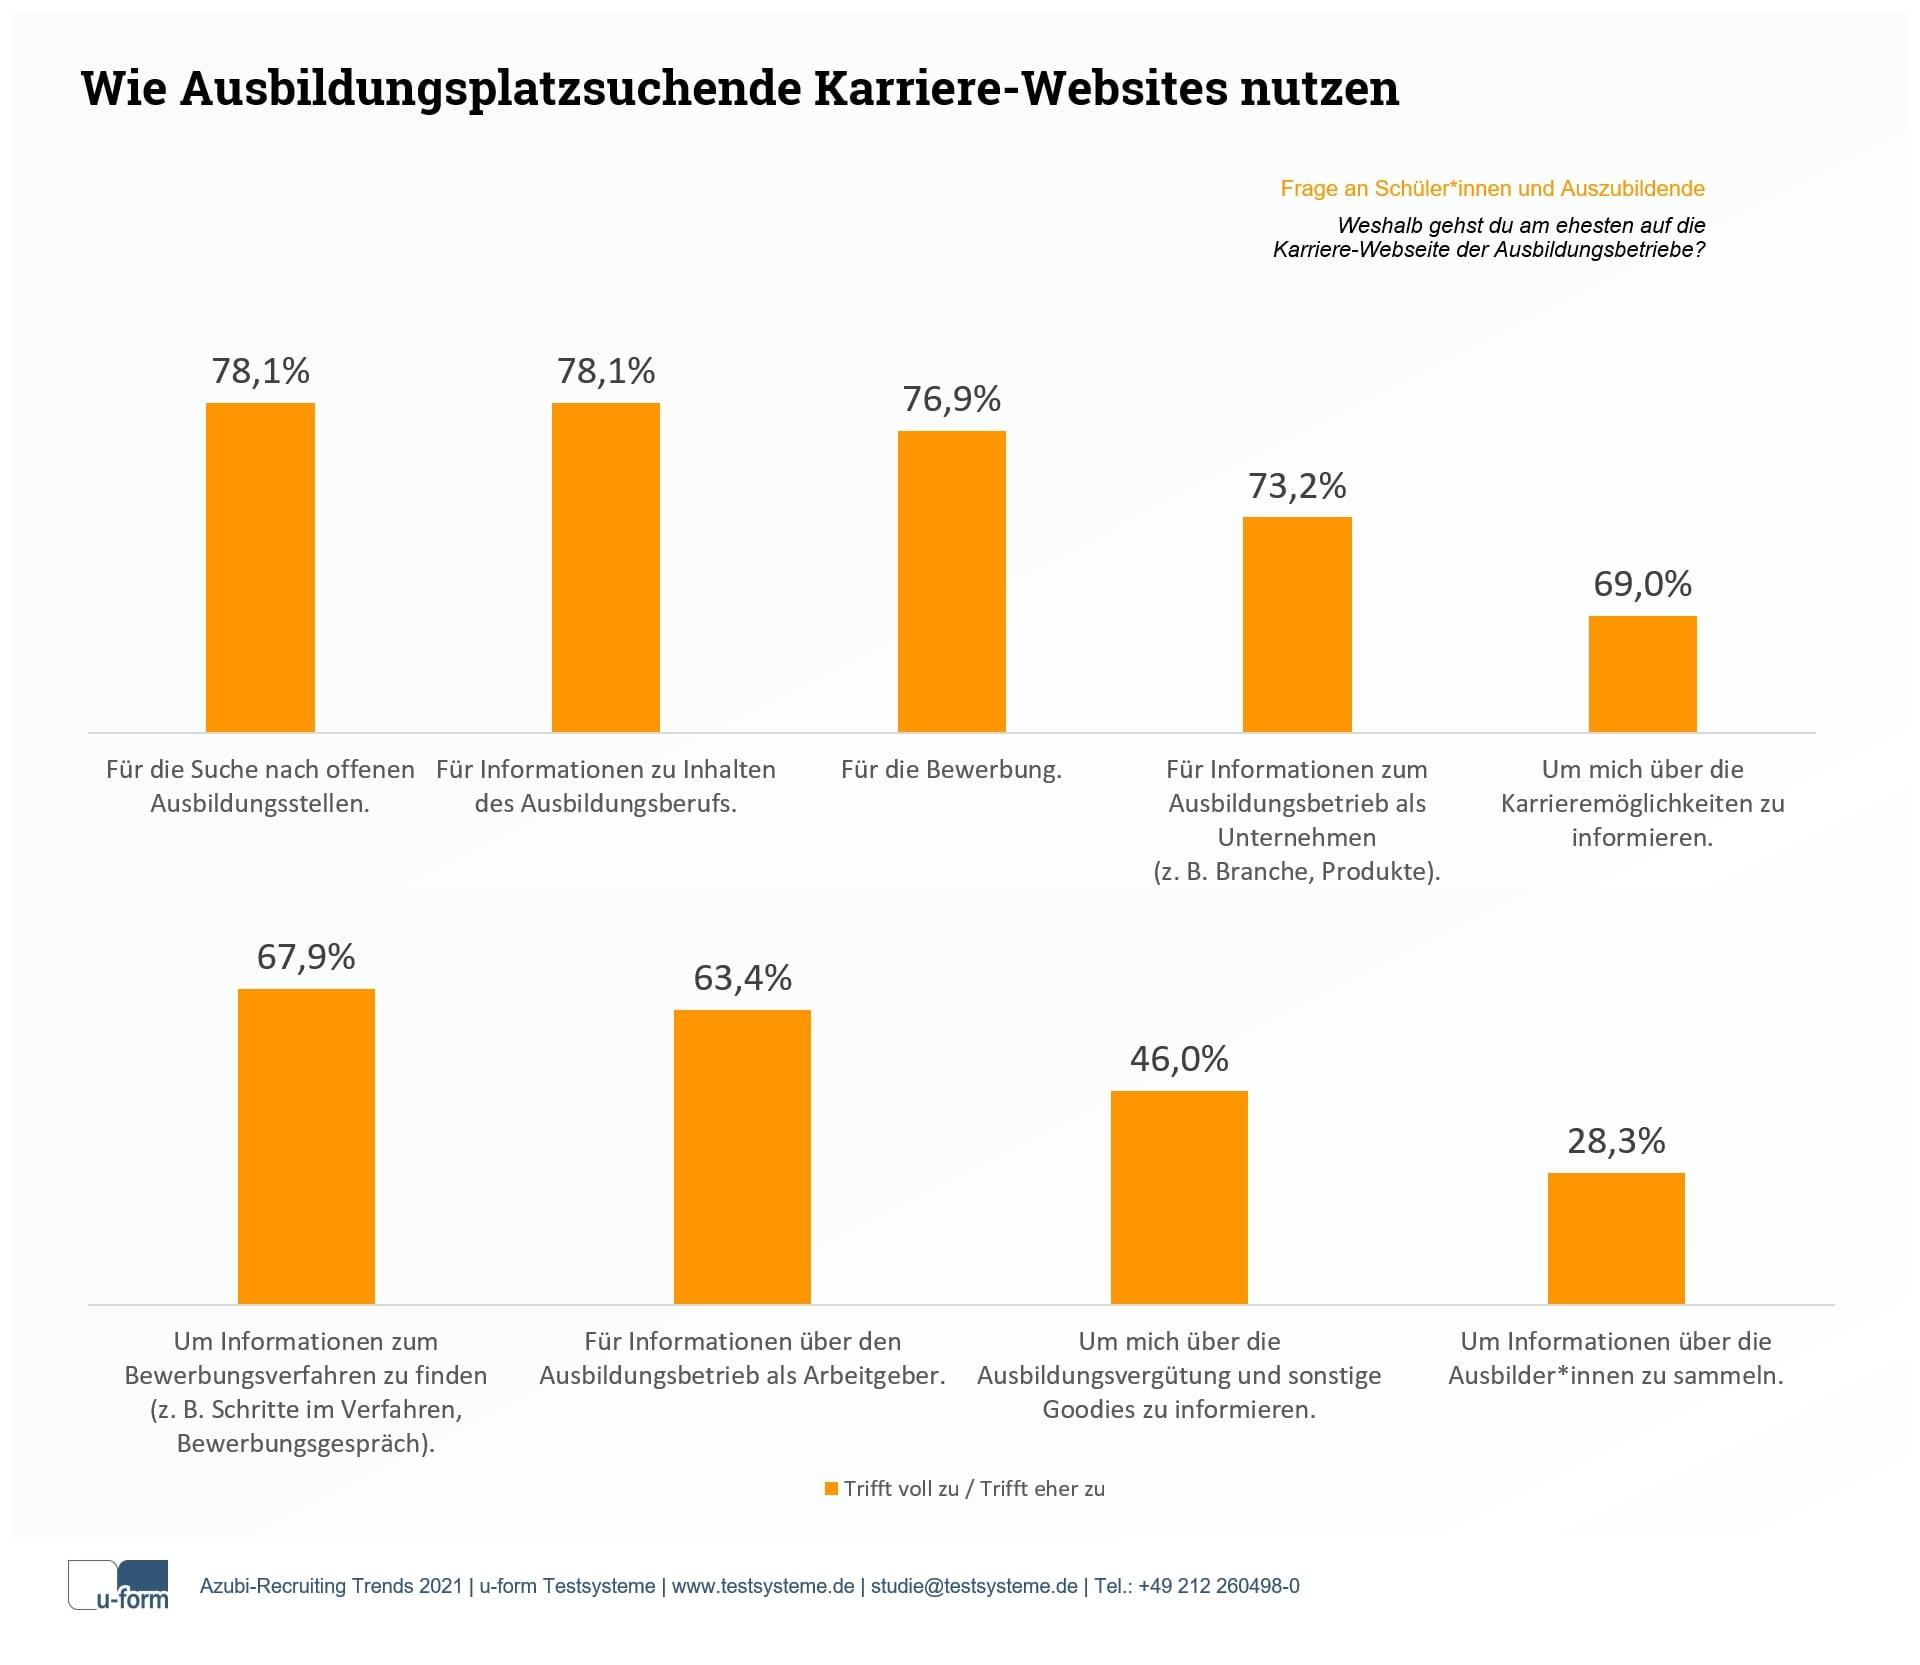 Wie Ausbildungsplatzsuchende Karriere-Websites nutzen - Azubi-Recruiting Trends 2021